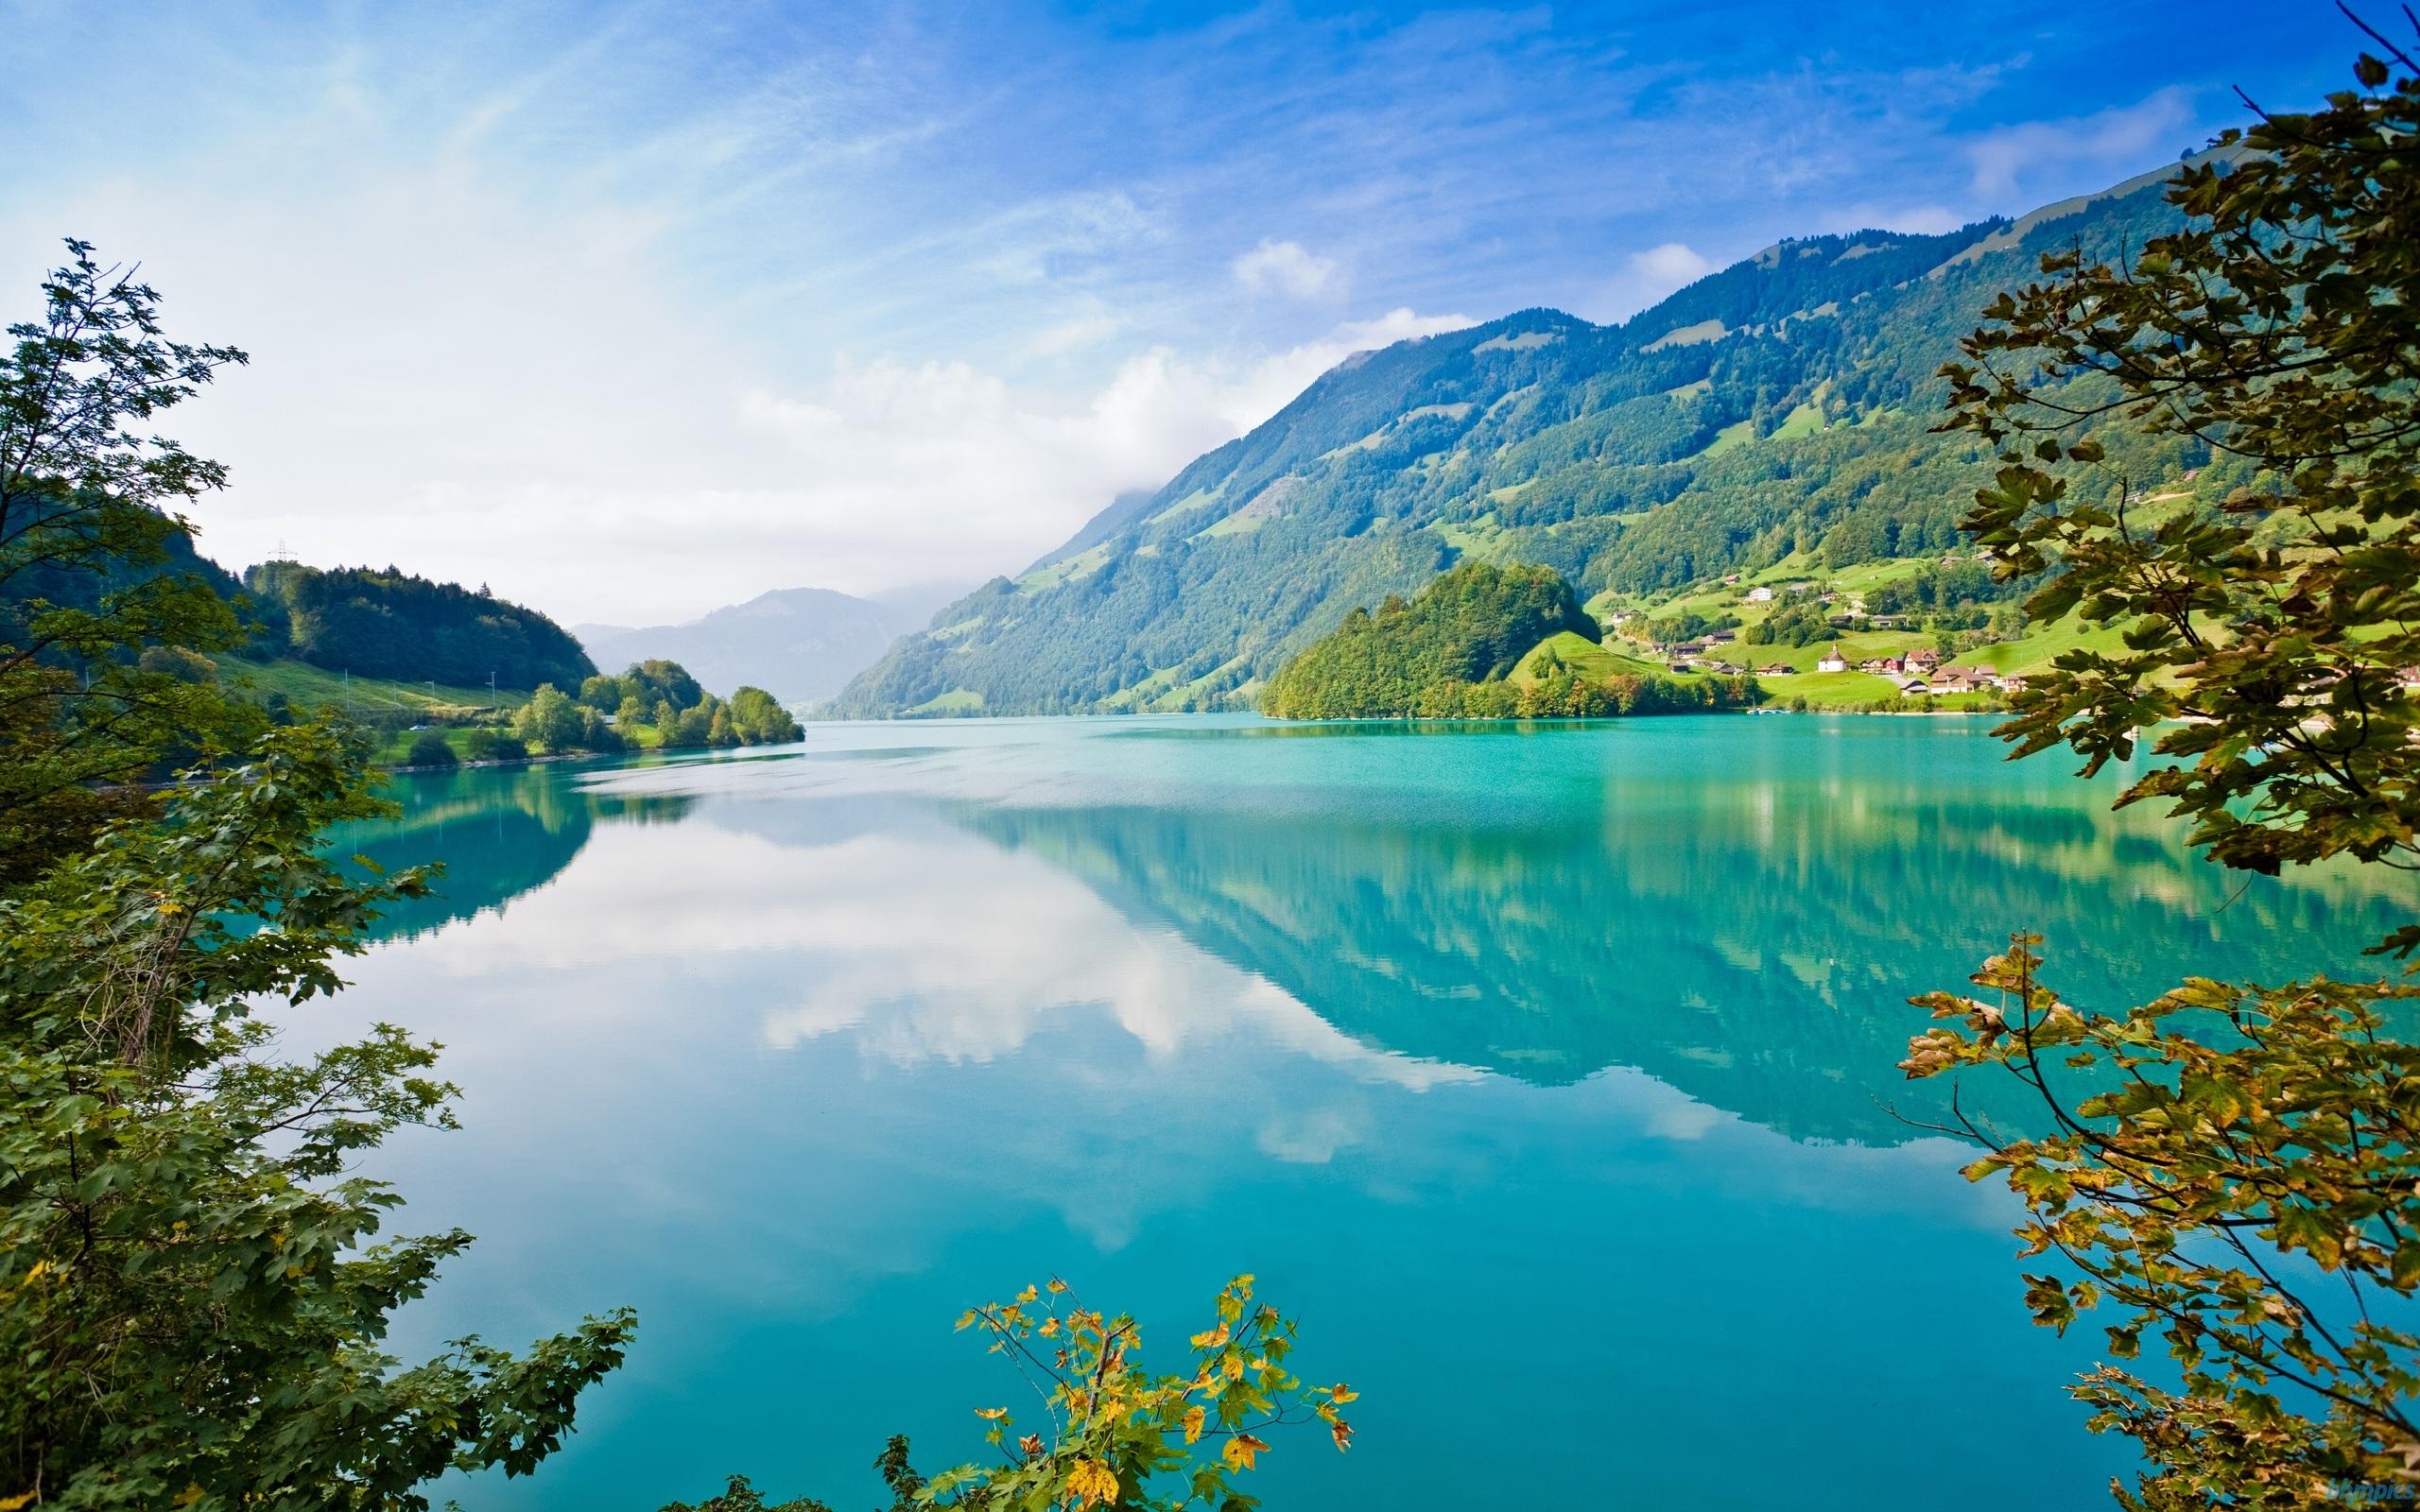 Aqui podrs descargar Imagenes De Naturaleza Hermosa   Wallpaper 2560x1600